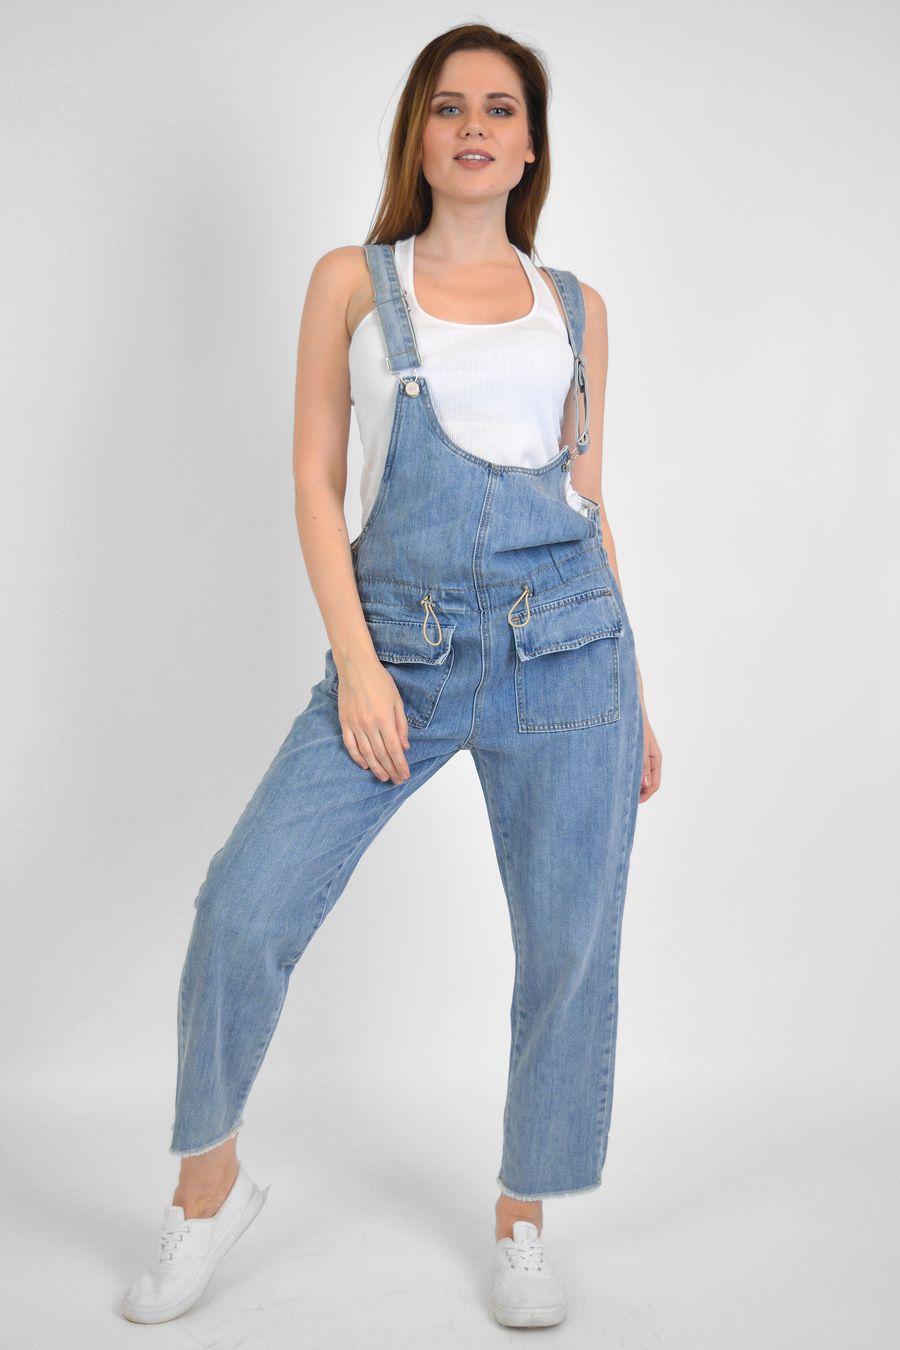 Комбинезон женский Baccino C9822 джинсовый - фото 1